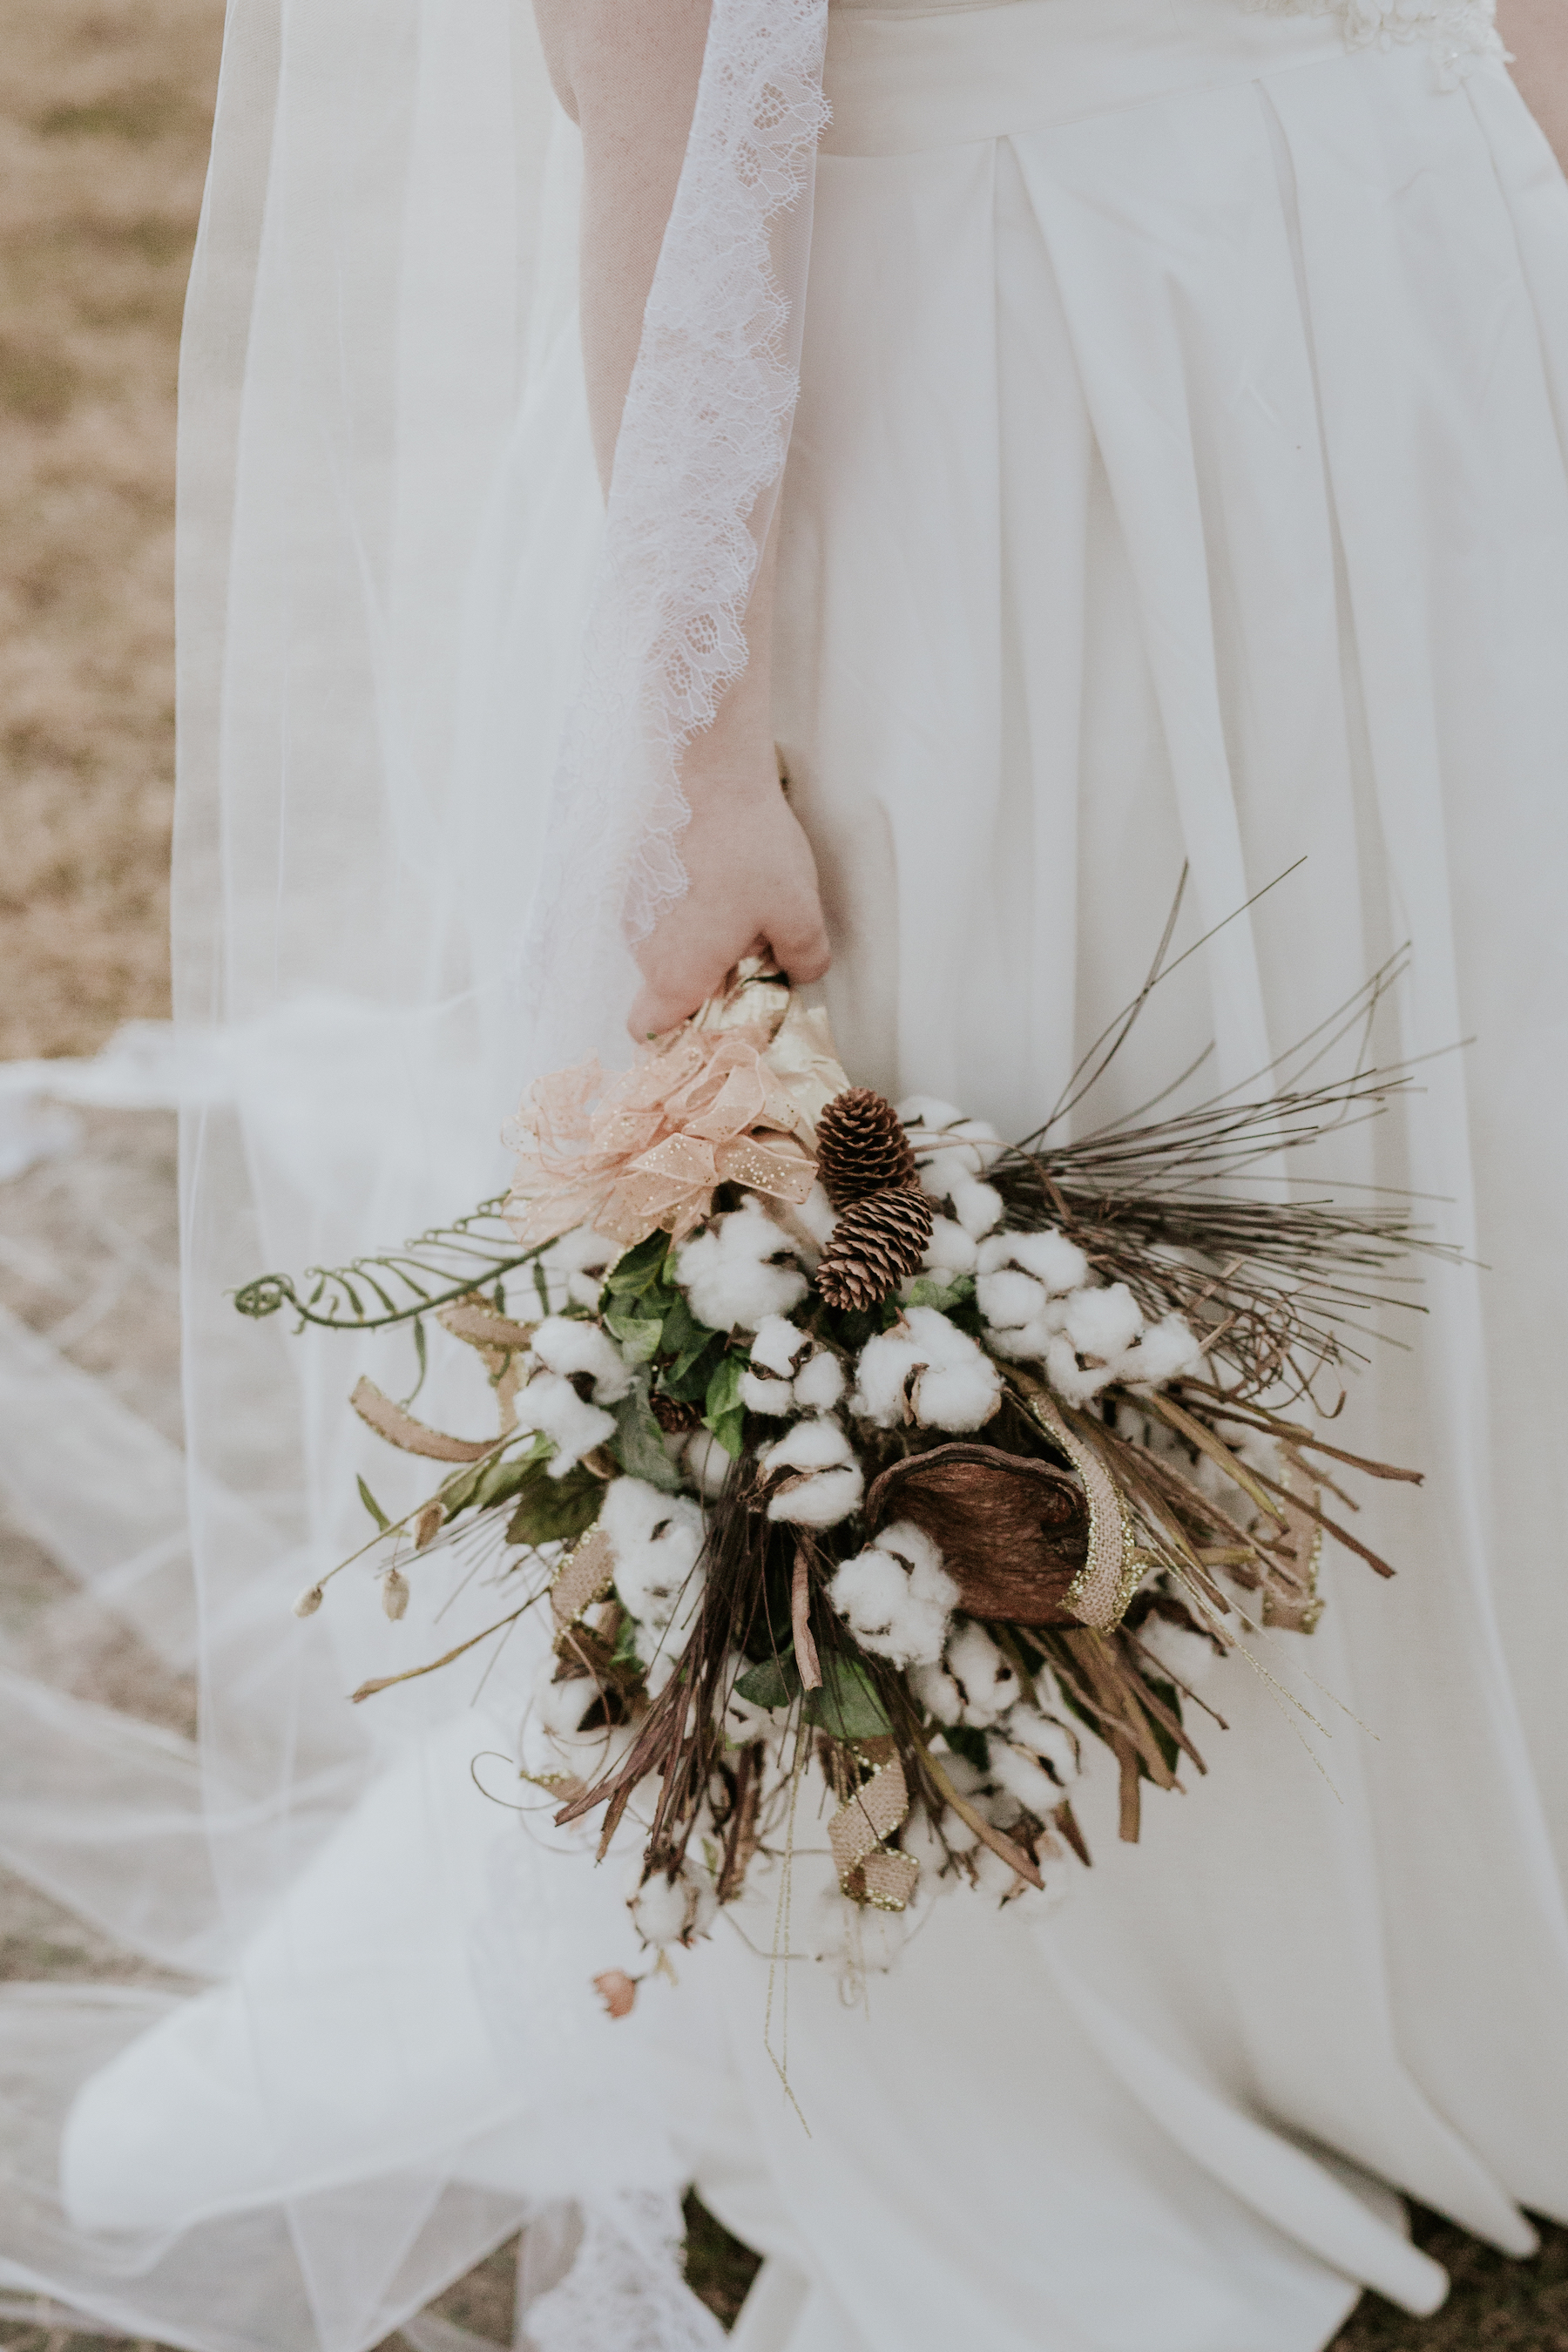 barn-forevermore-farm-moore-sc-wedding-046.JPG